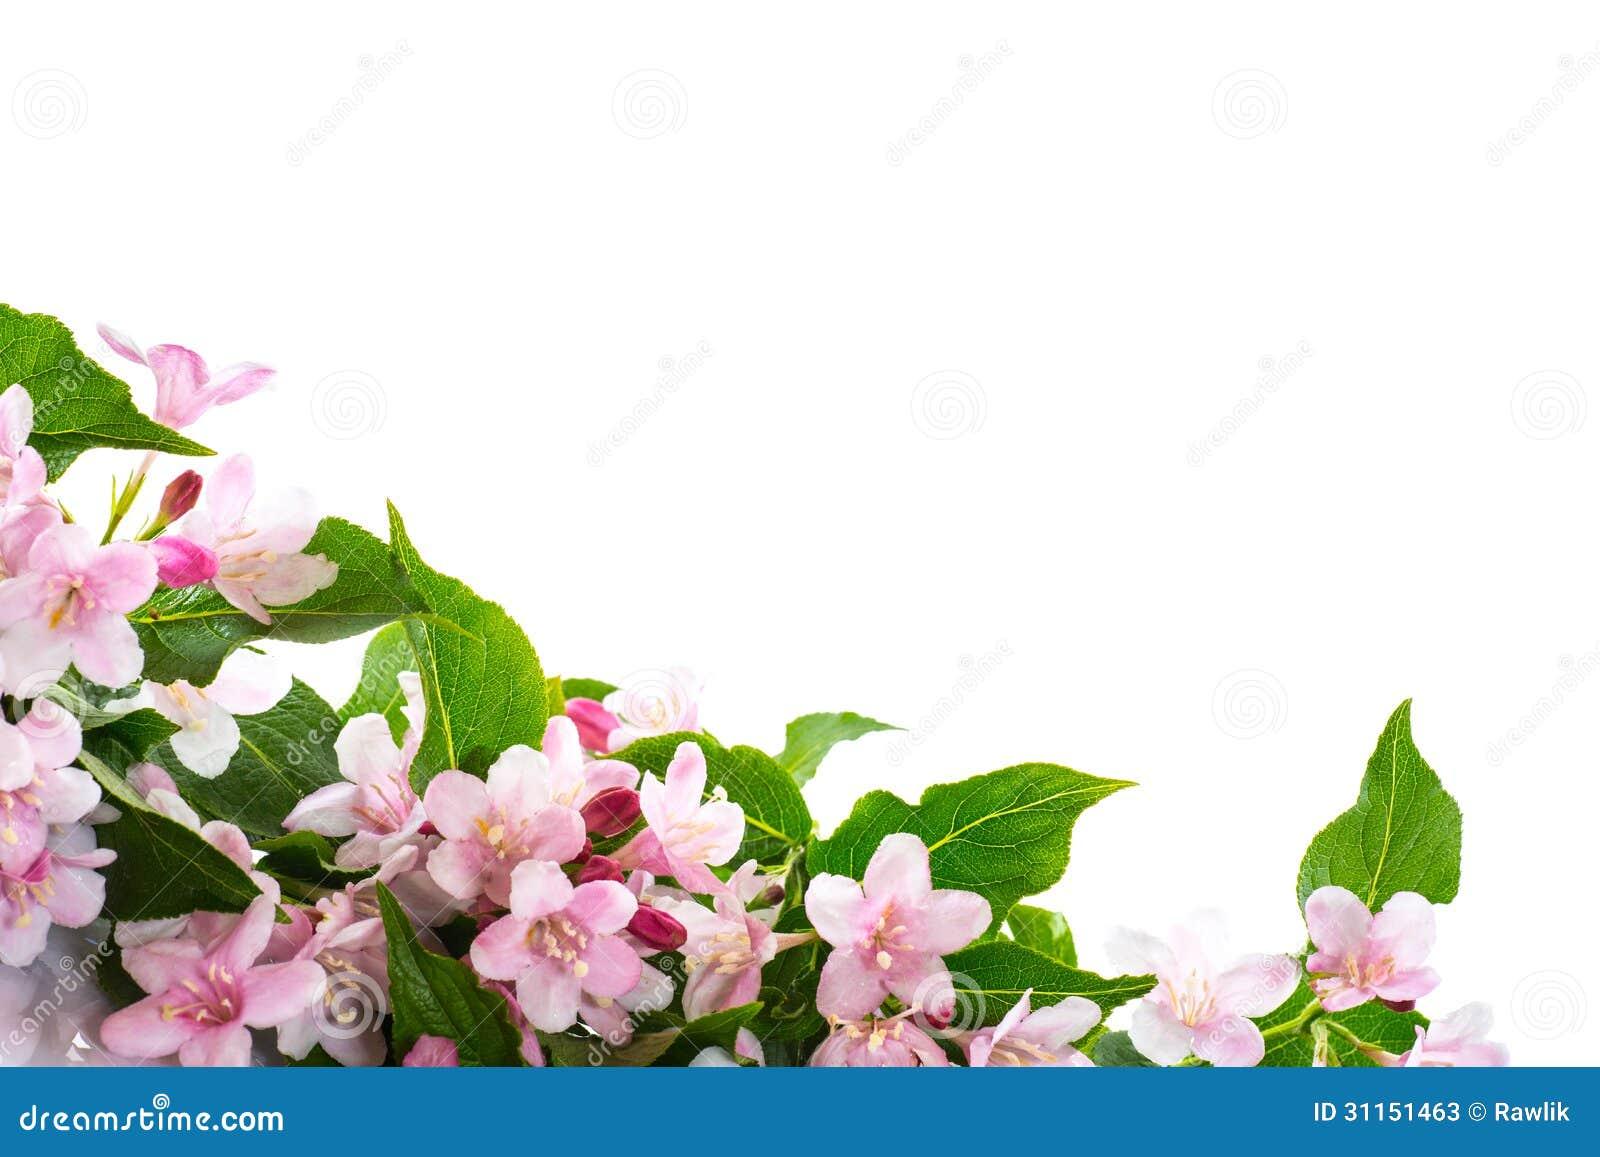 bloomed white roses wallpaper - photo #31